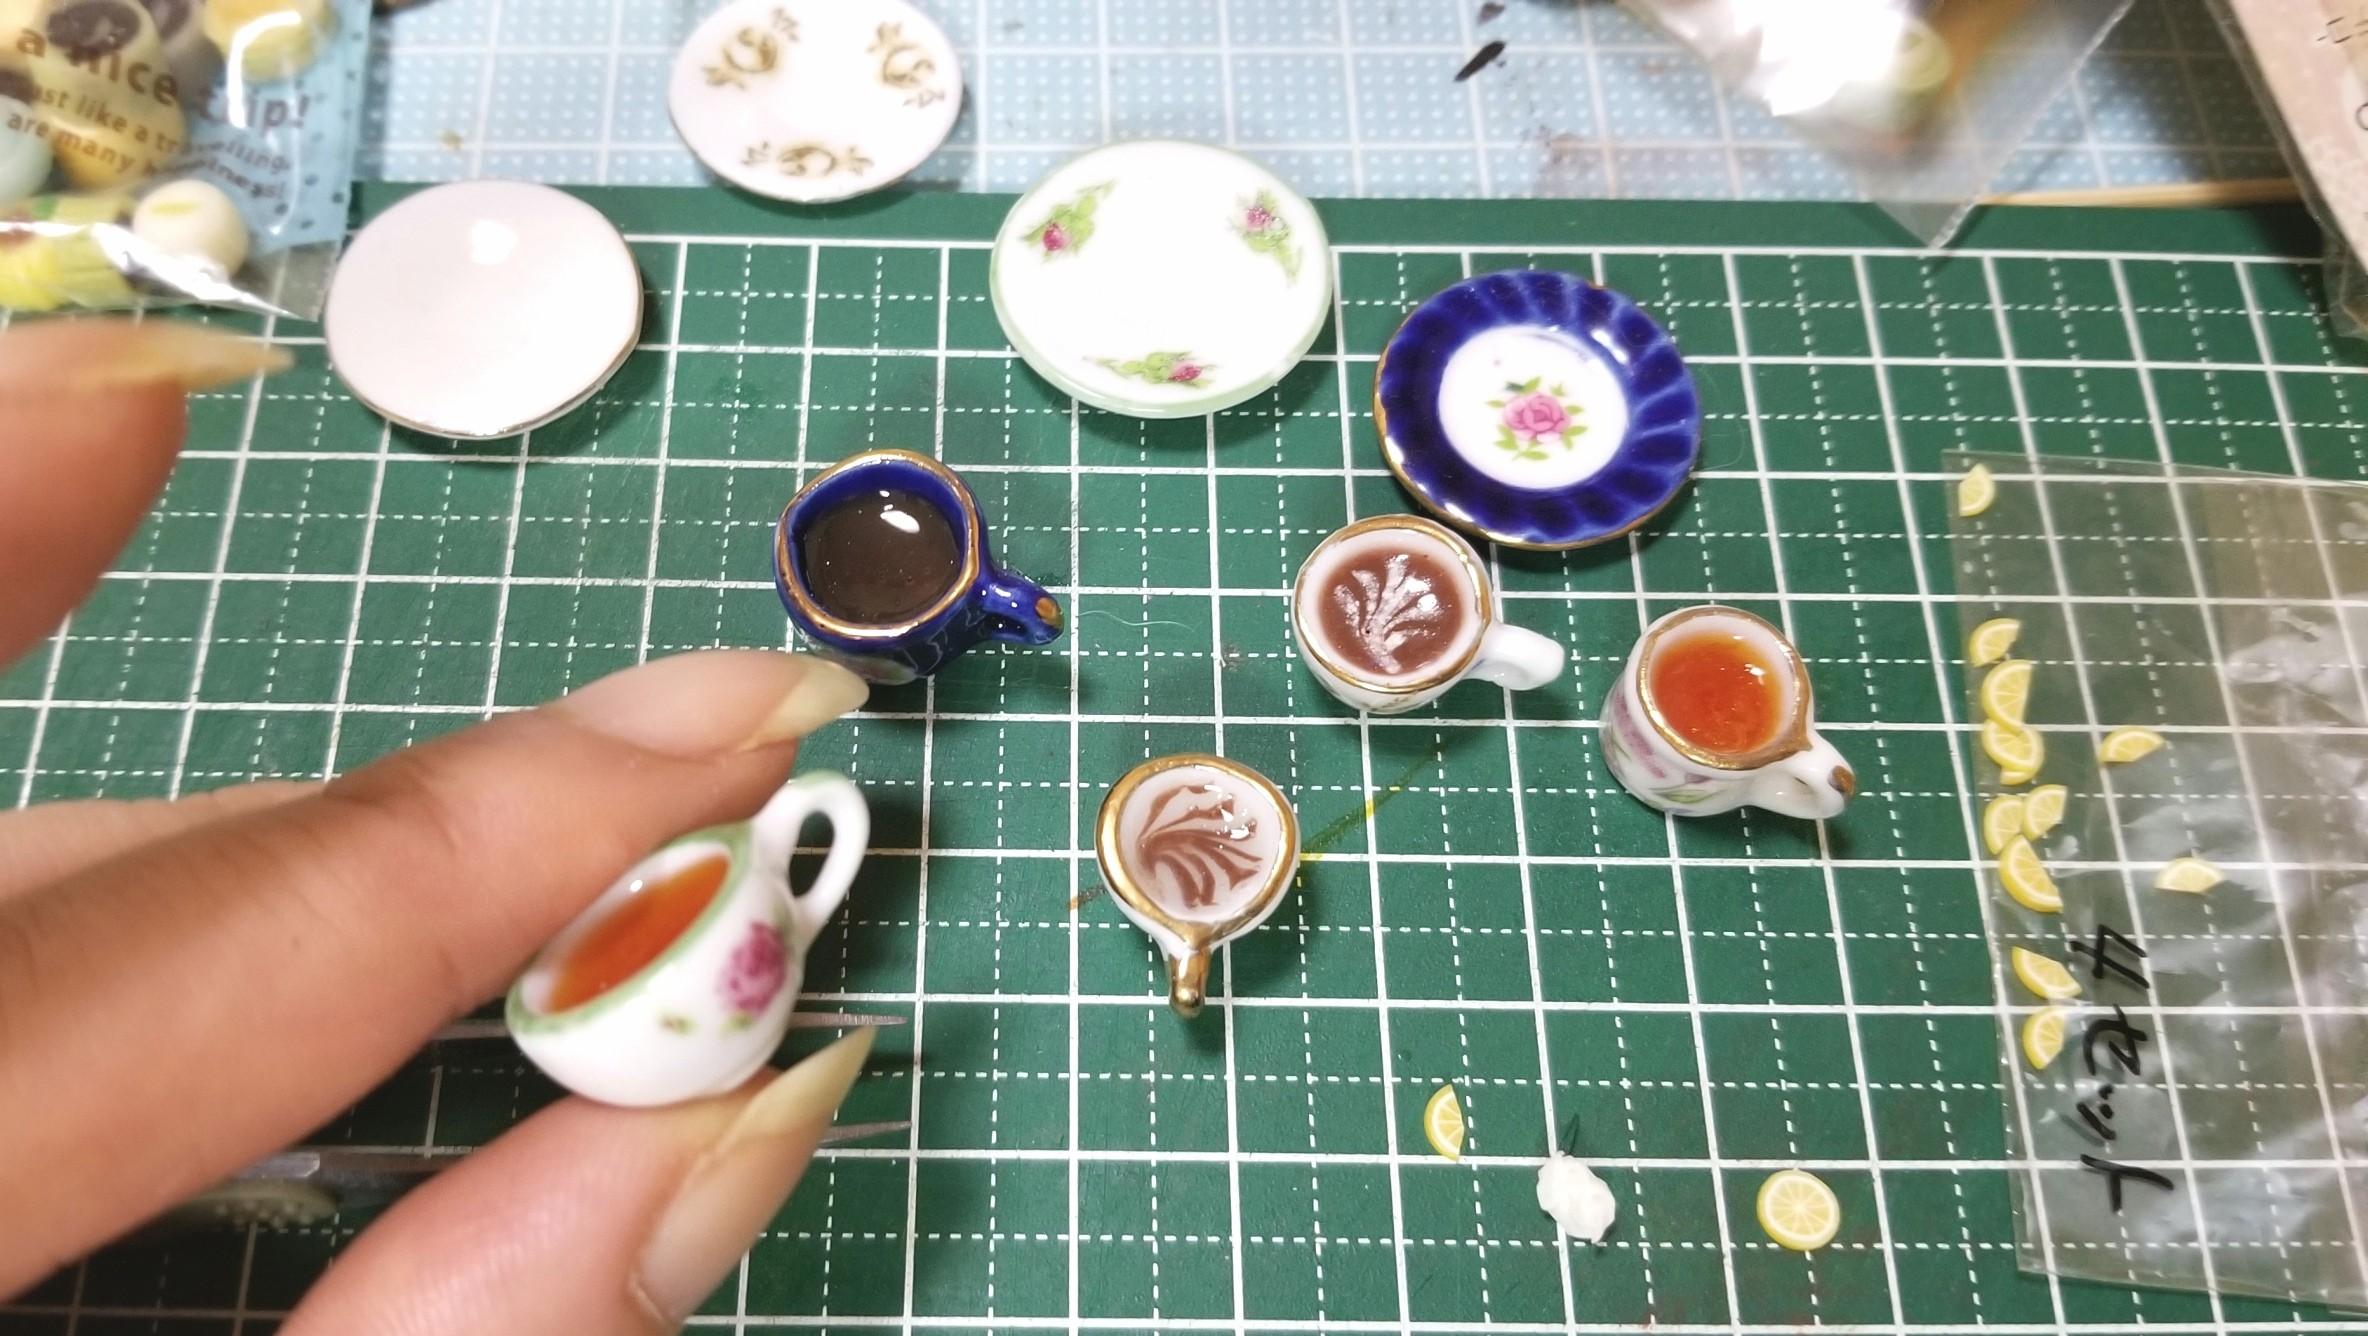 よもぎのミニチュアフード,製作過程,作業風景,飲み物の作り方,レジン